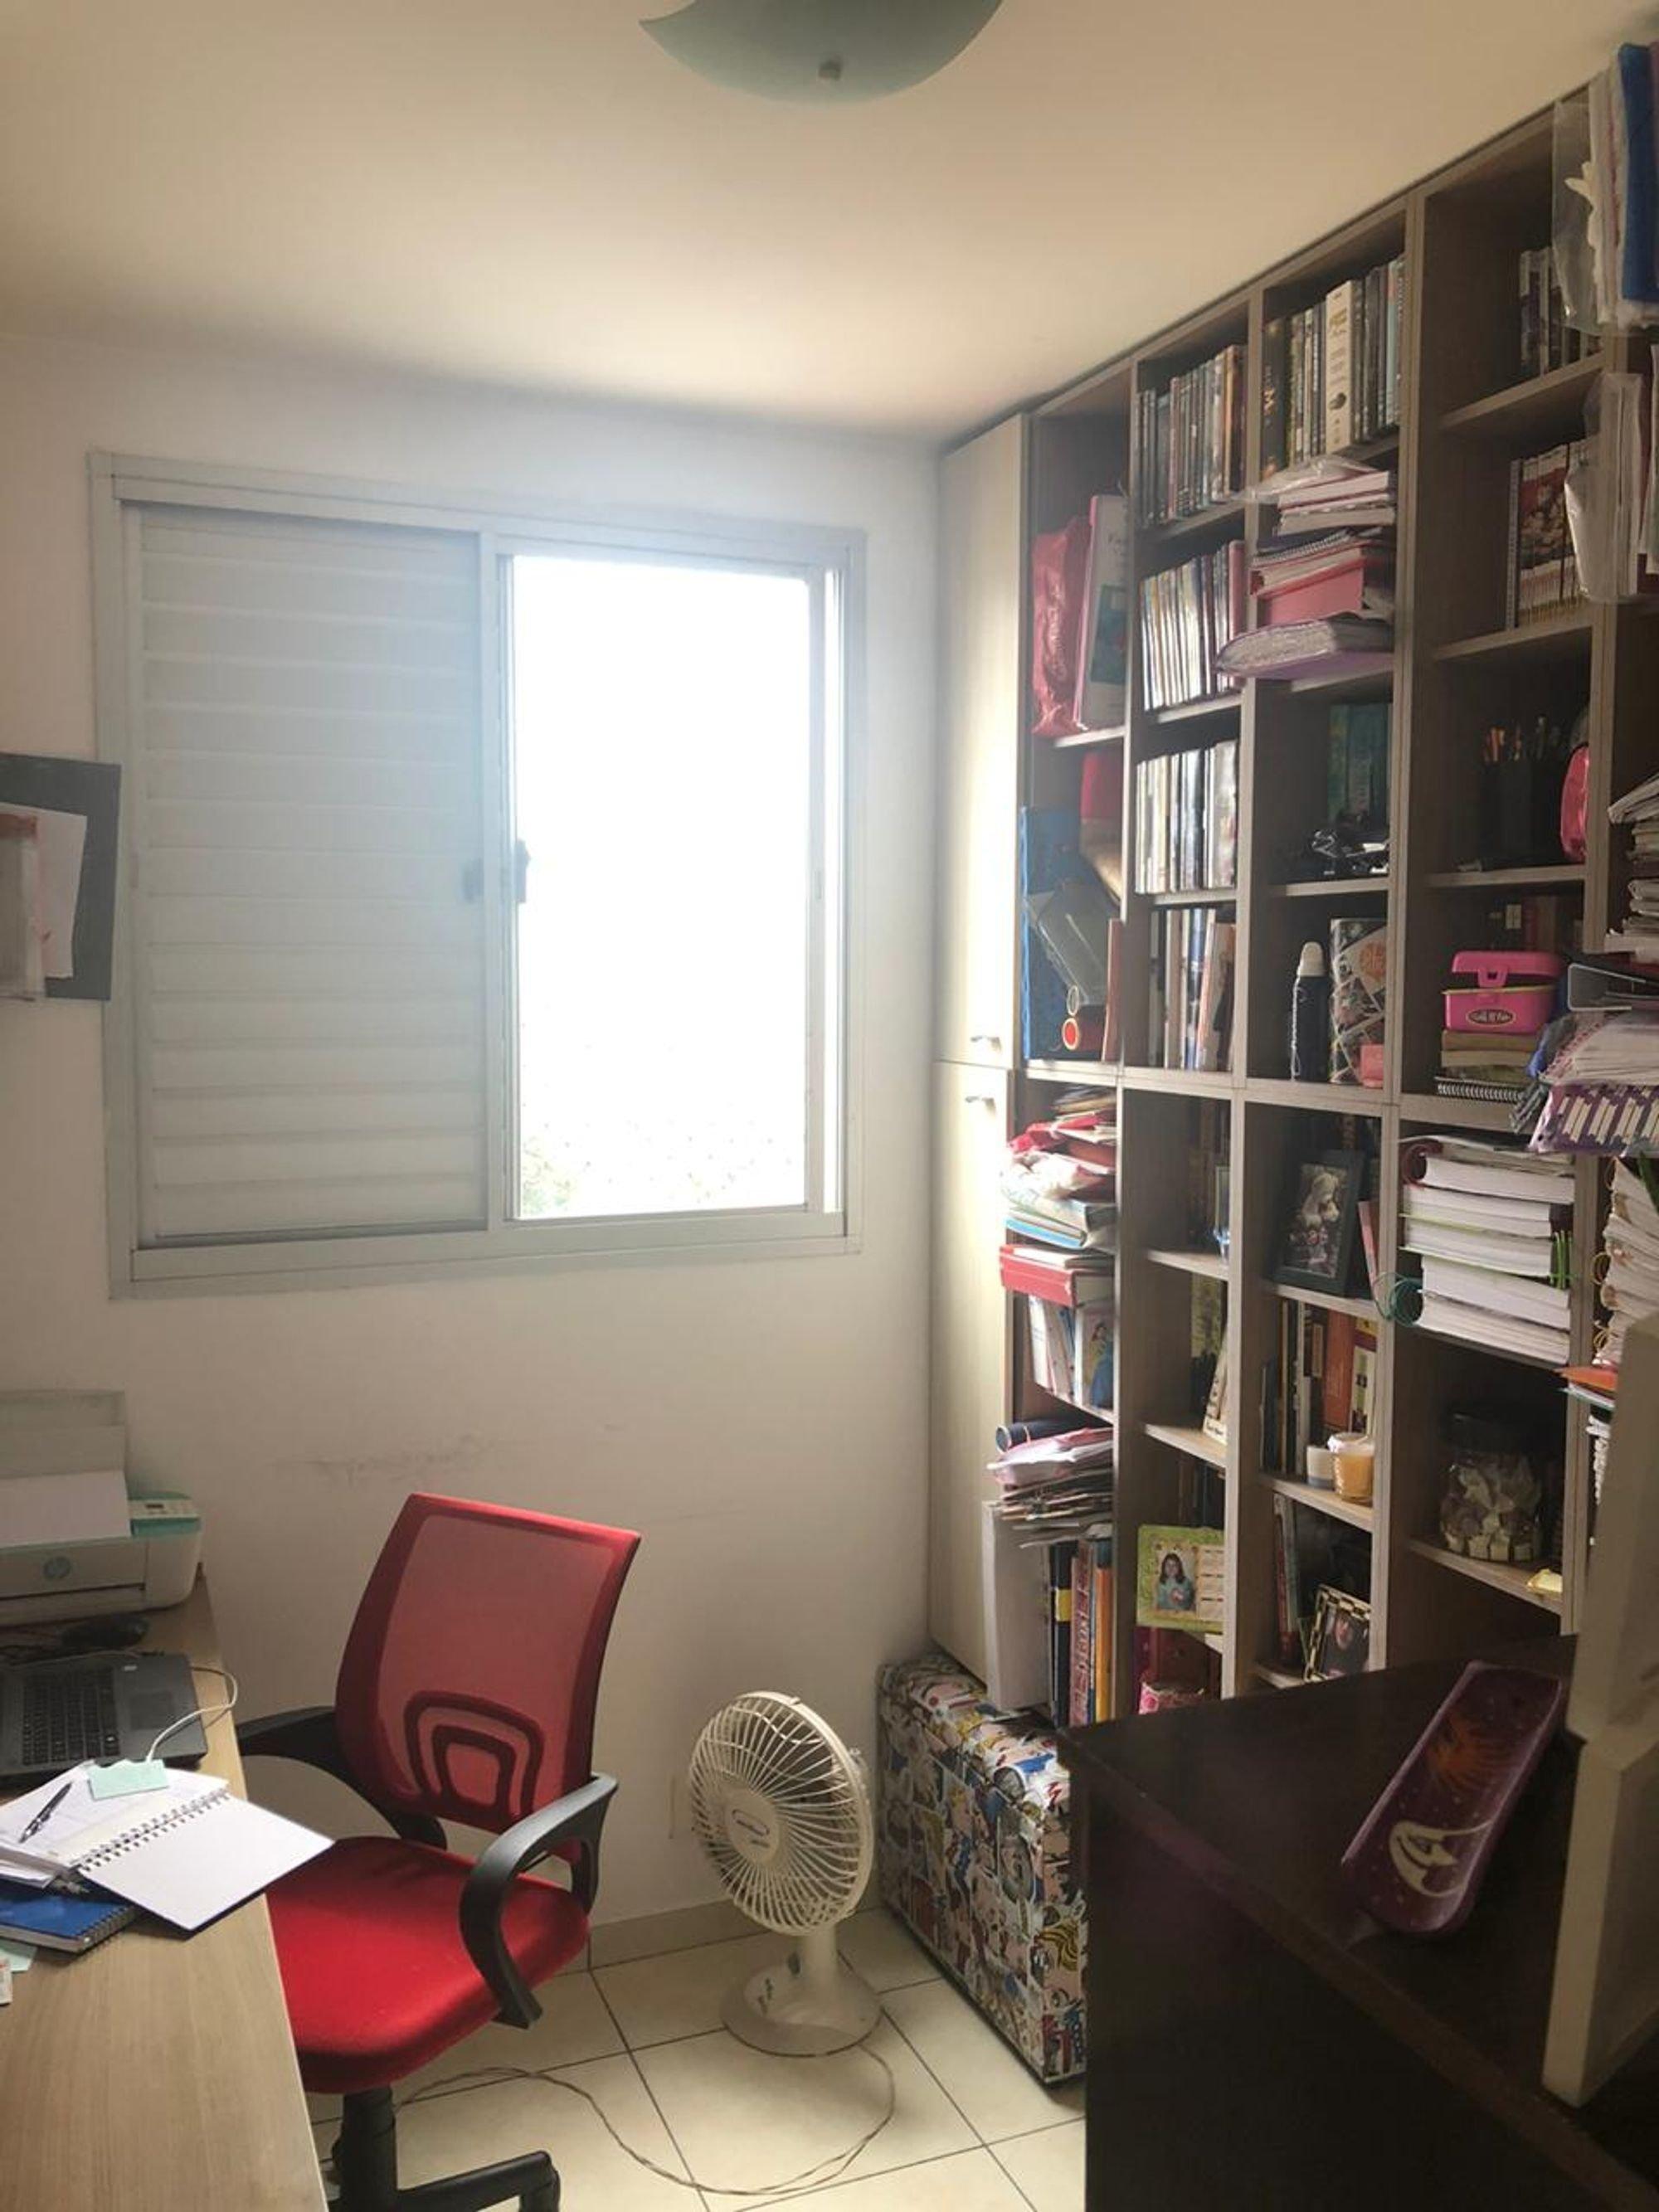 Foto de Quarto com cadeira, livro